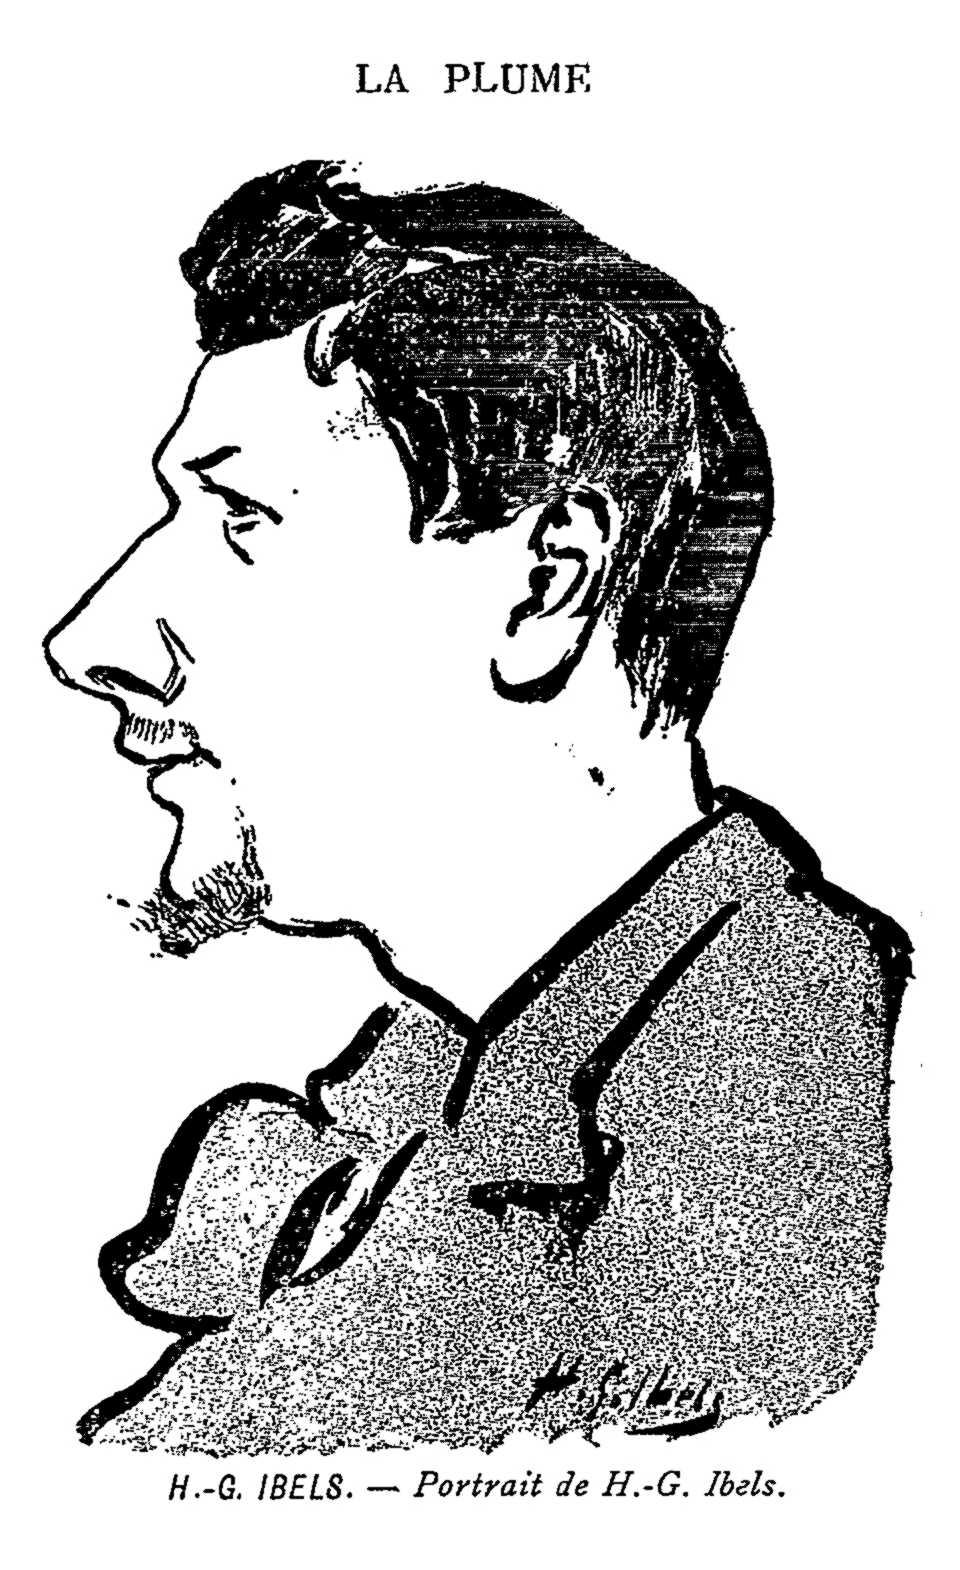 """Autoretrat d'Henri-Gabriel Ibels publicat en el número 90 la revista parisenca """"La Plume"""" del 15 de gener de 1893"""